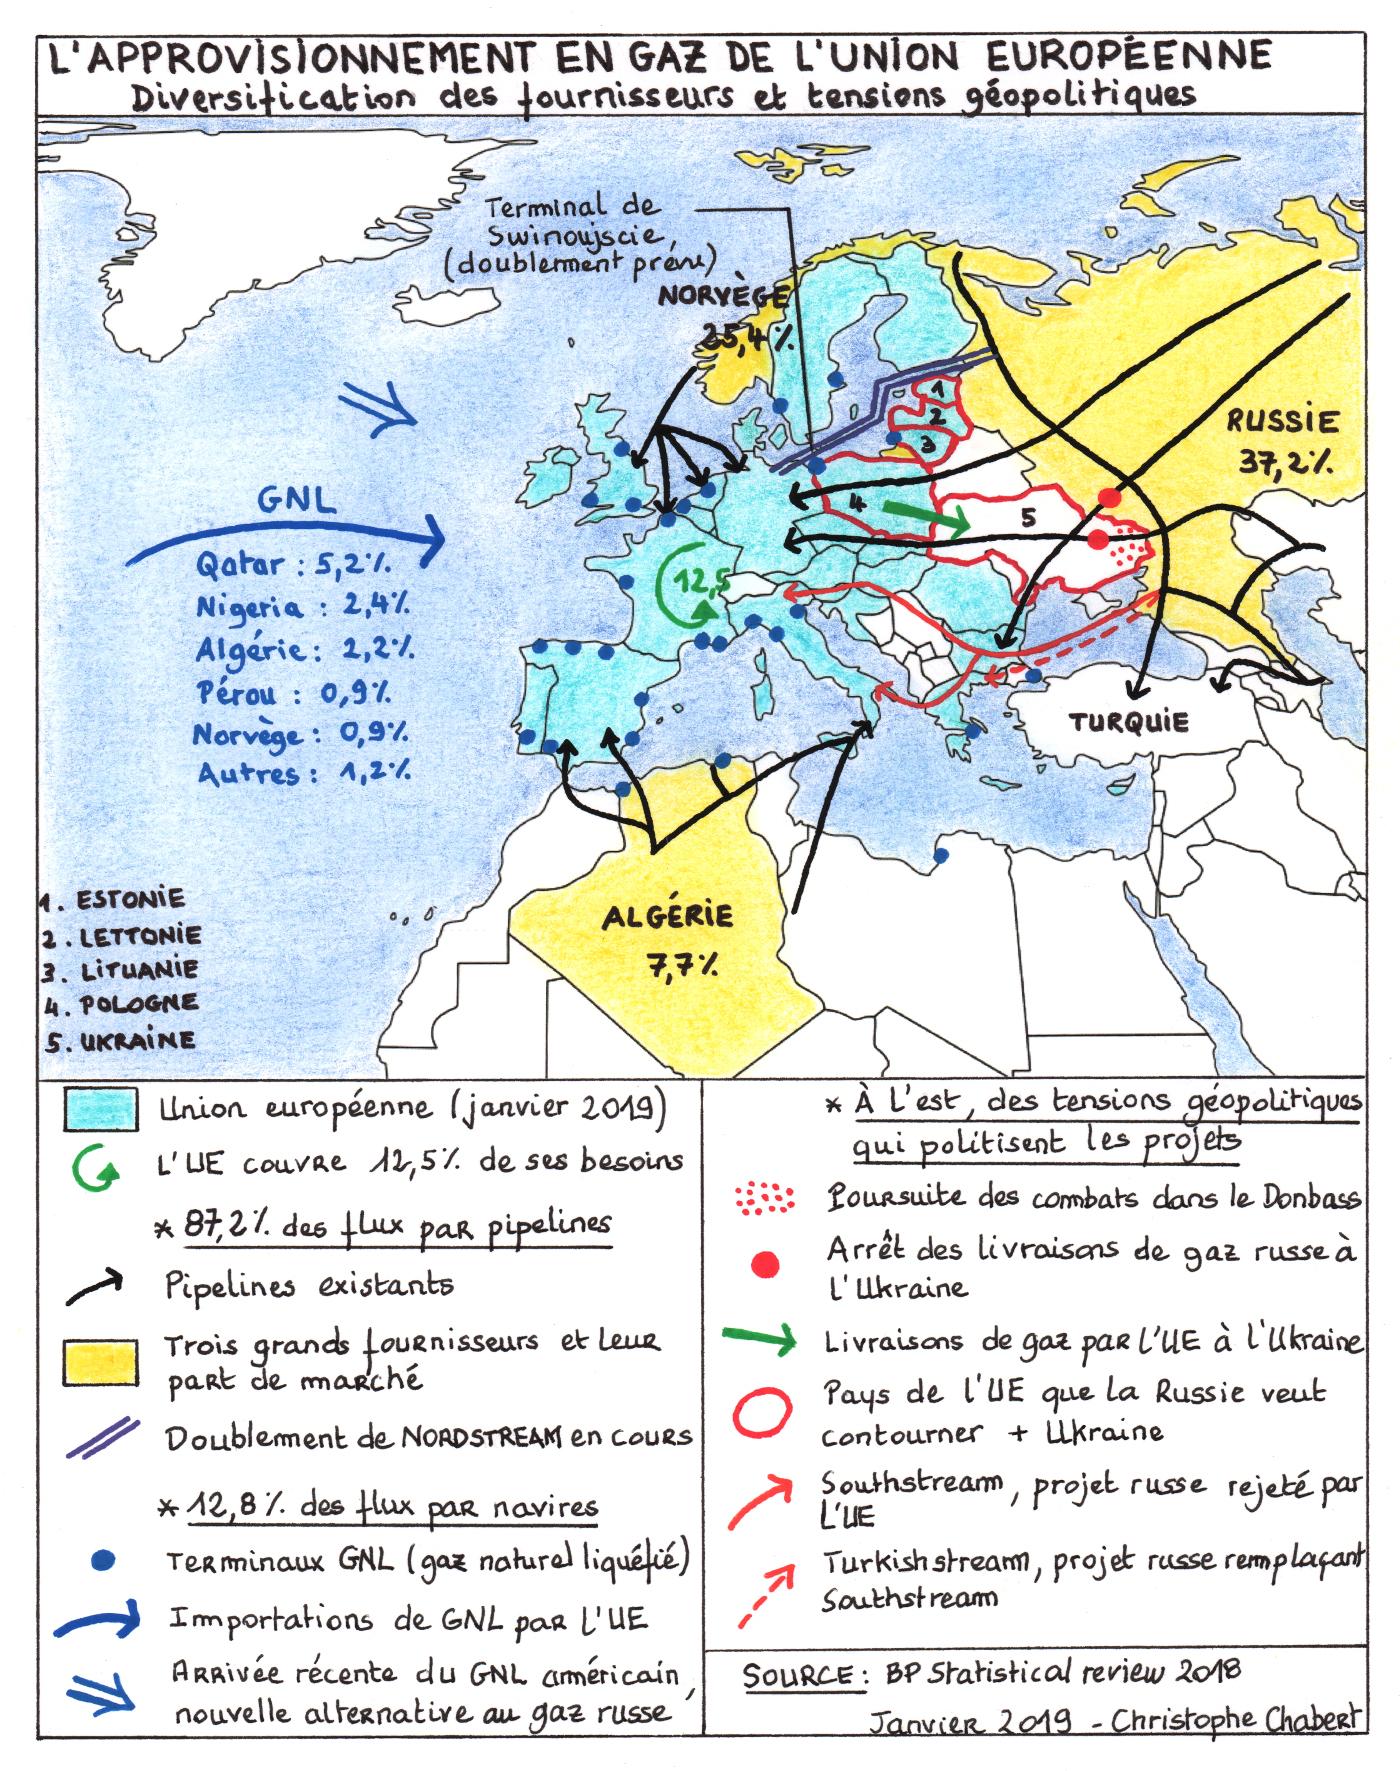 Géopolitique Du Gaz Naturel De L'union Européenne dedans La Carte De L Union Européenne